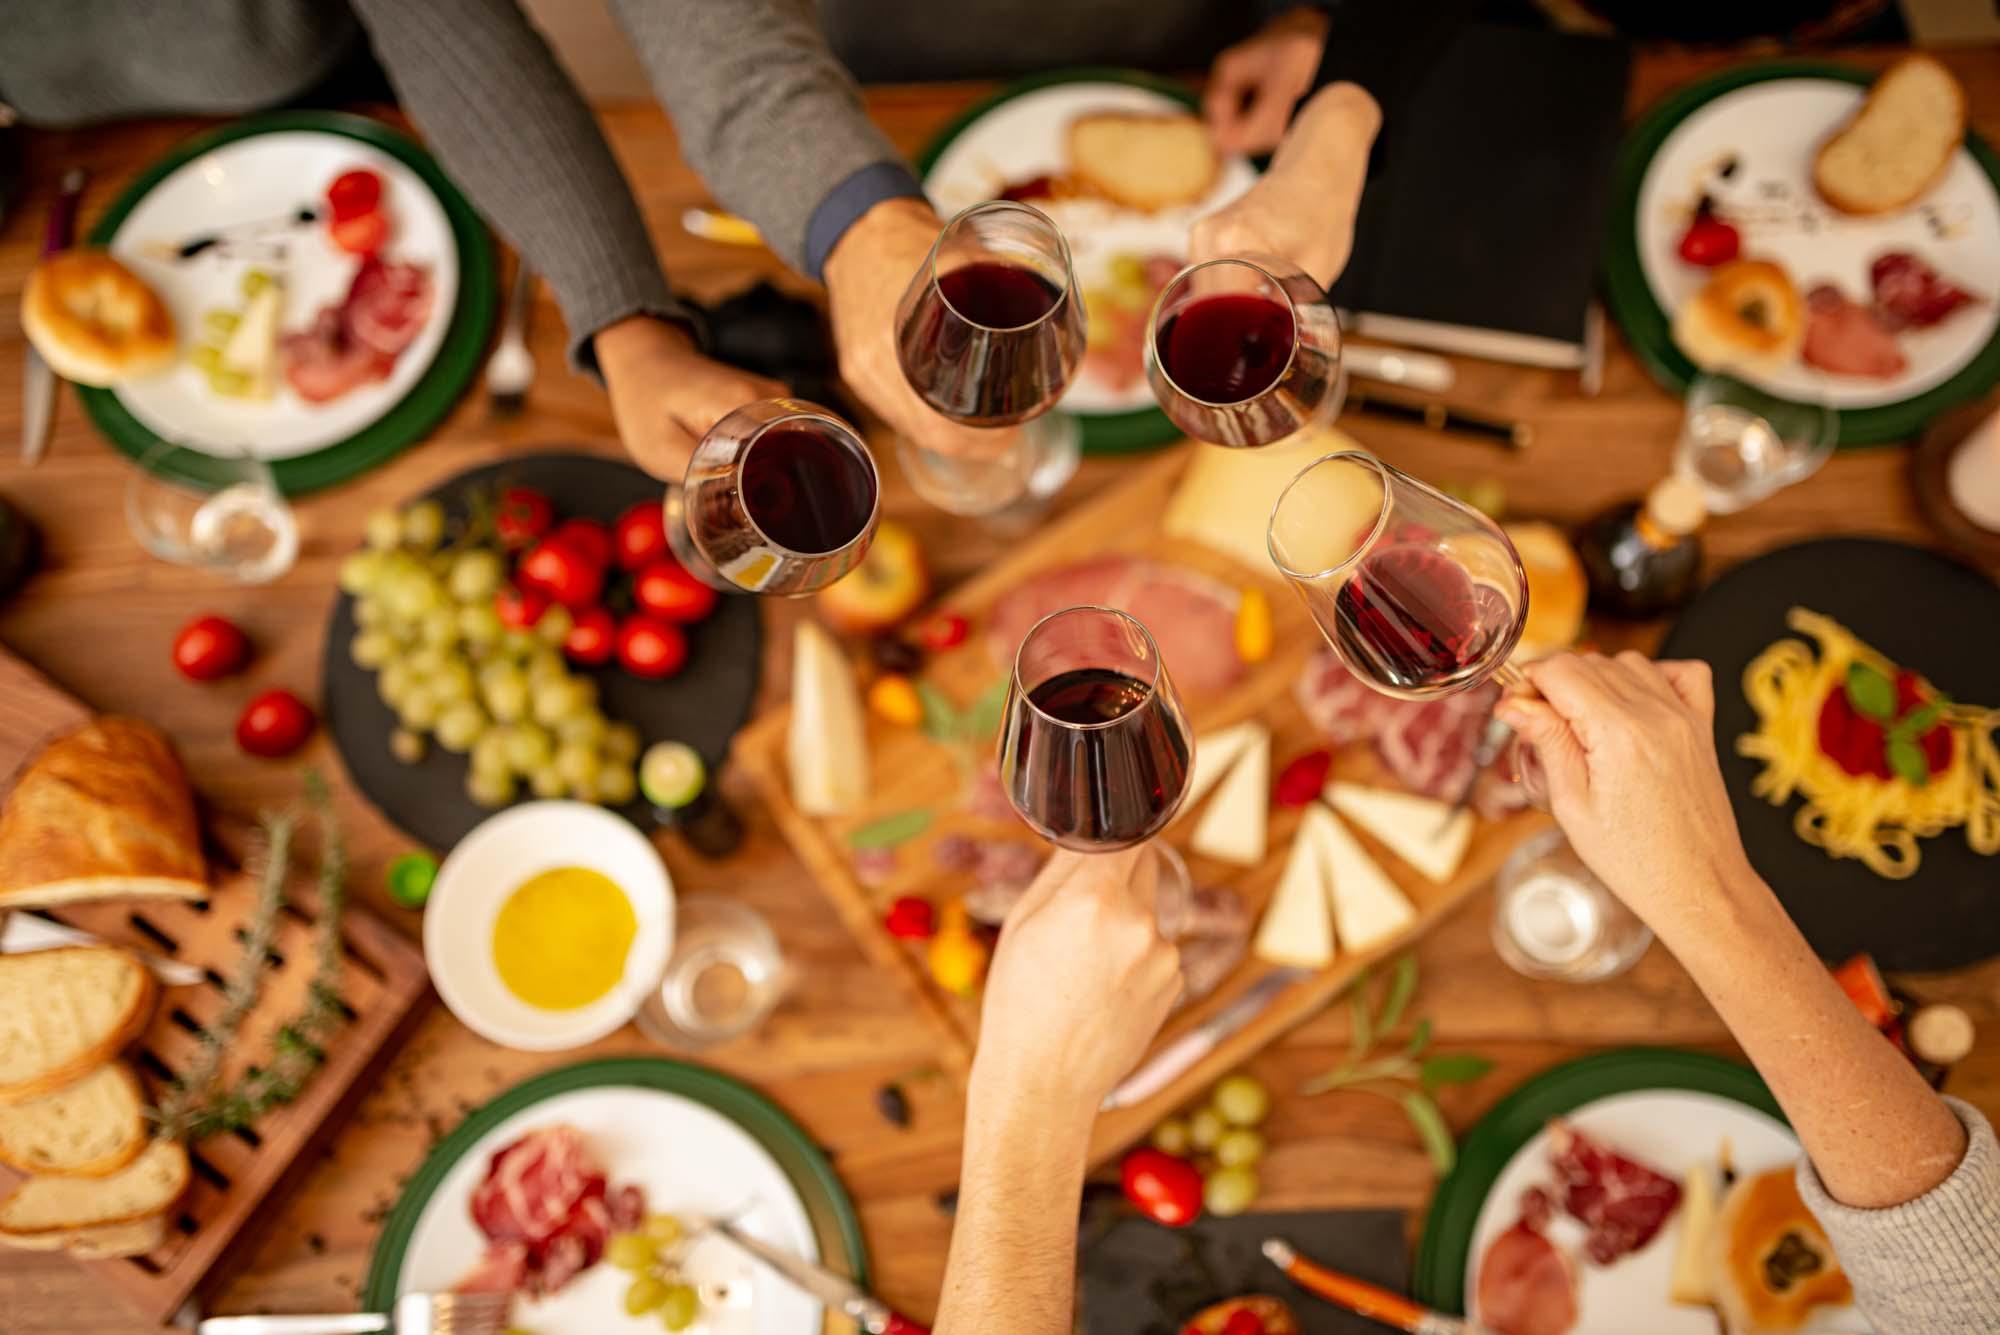 Corsi Di Cucina Formazione Manageriale a Trento